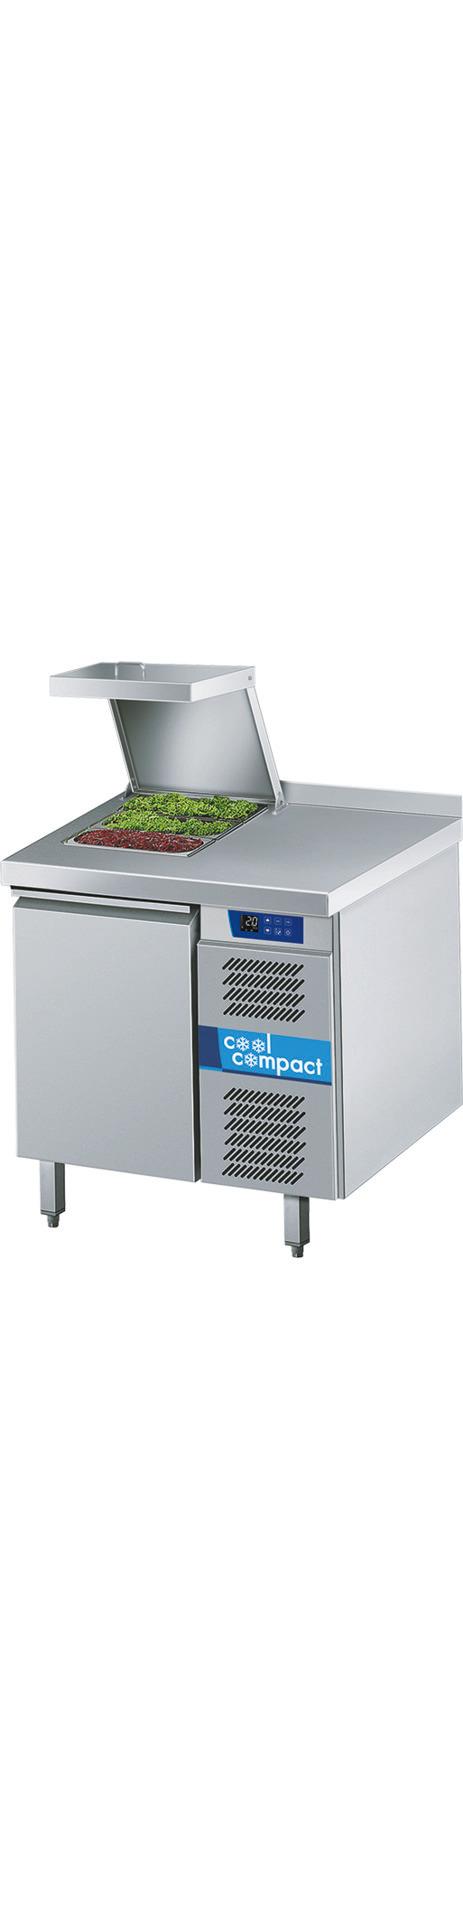 Saladette 1 Tür je 10 x GN 1/1 / mit  Abkantung allseits / zentralgekühlt